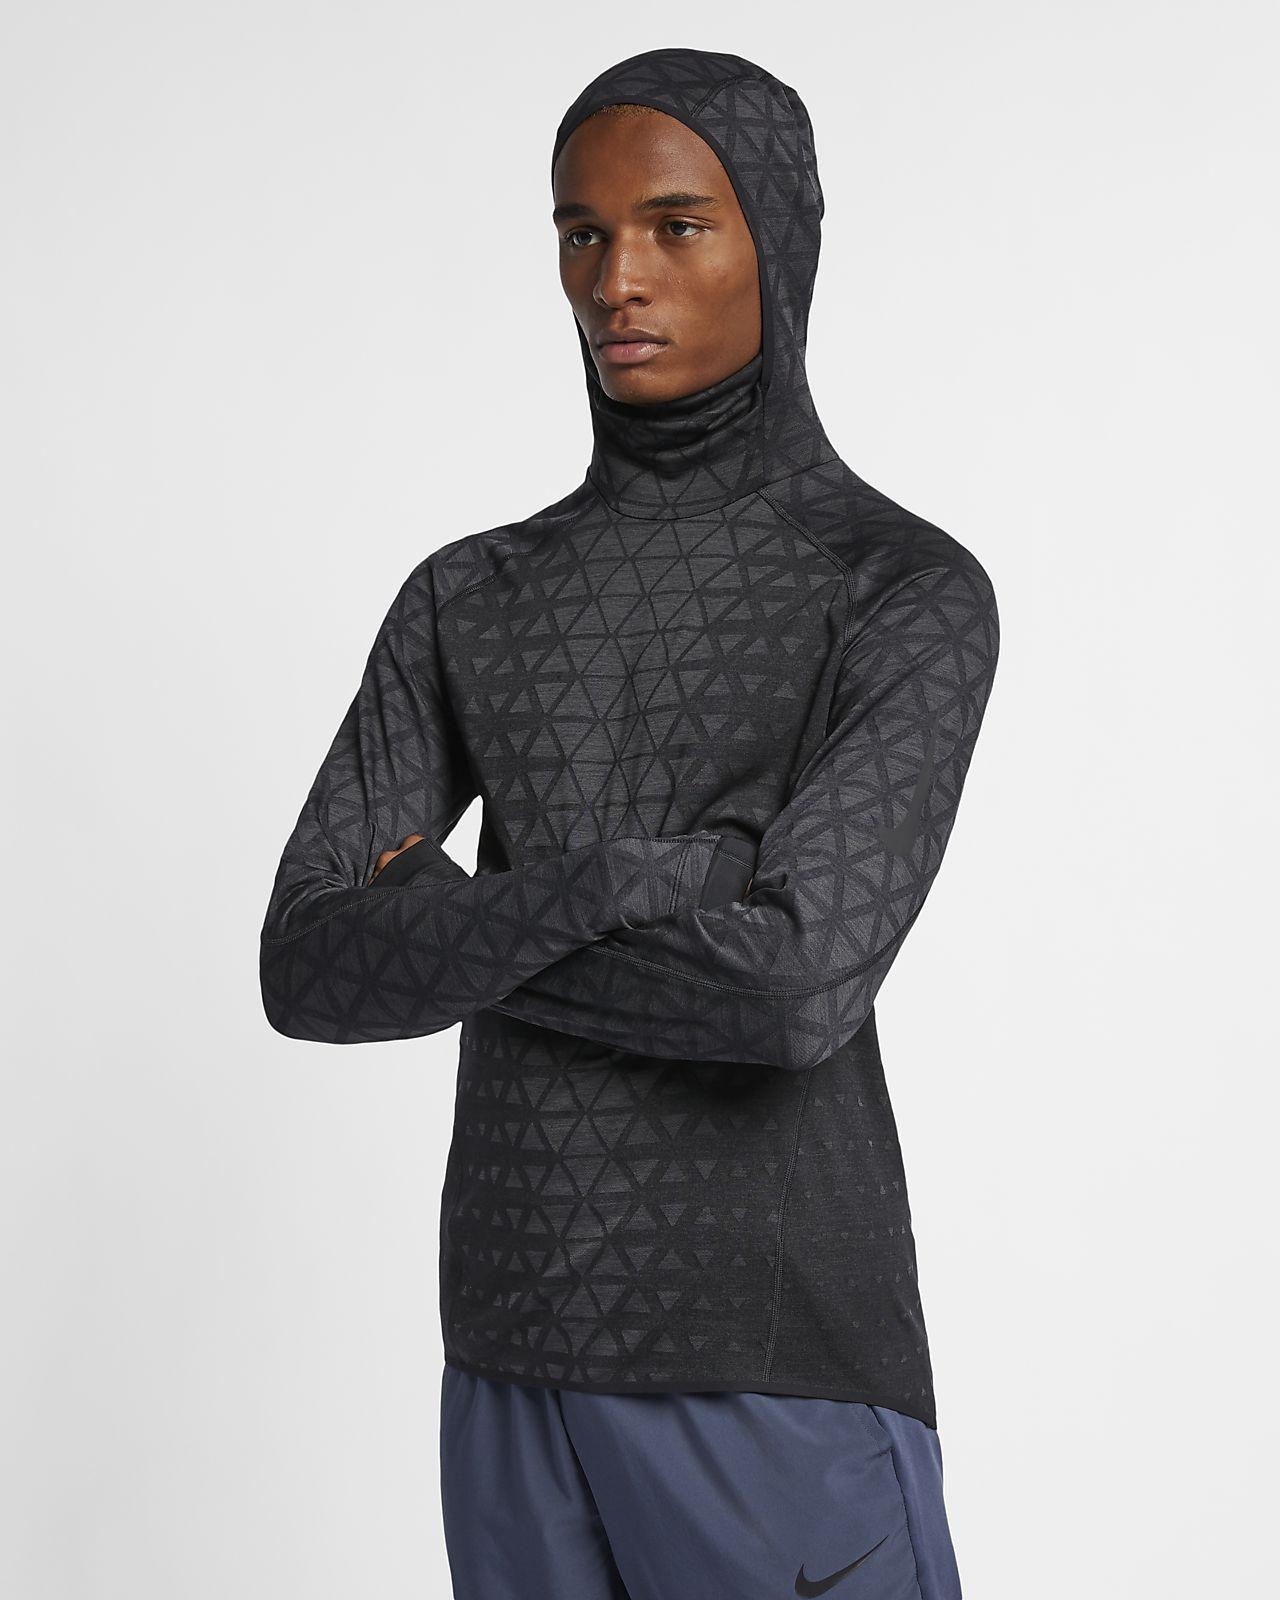 Męska koszulka treningowa z długim rękawem Nike Therma Sphere Premium